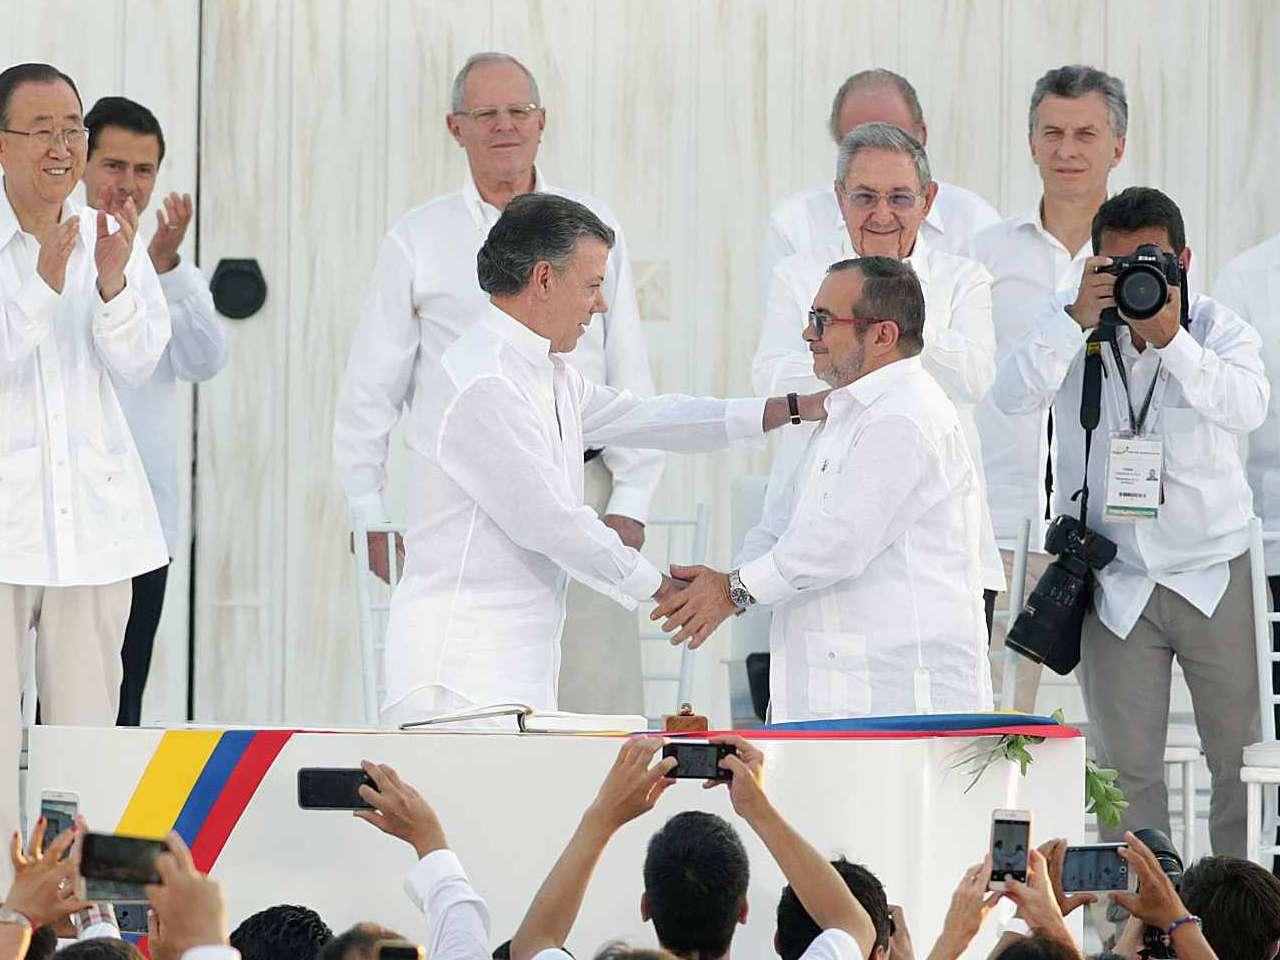 Quais os cenários possíveis após rejeição ao acordo de paz?